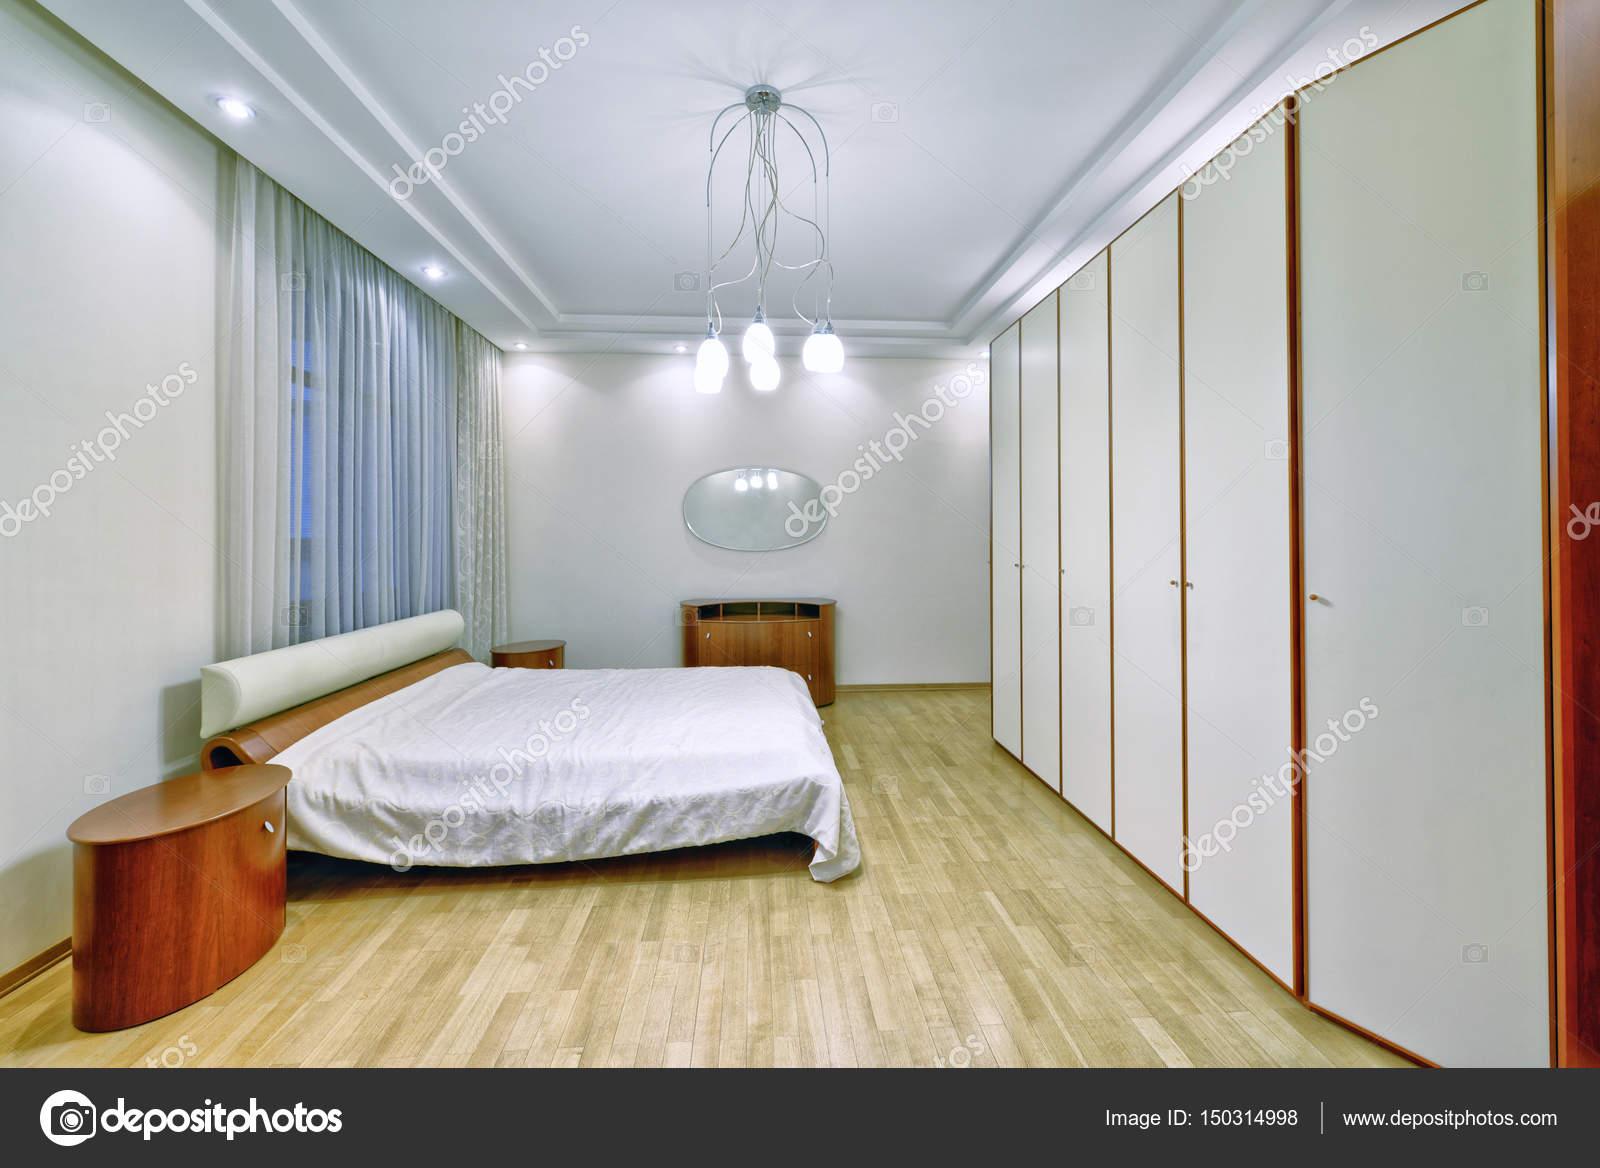 Raumgestaltung Schlafzimmer. — Stockfoto © ovchinnikovfoto ...